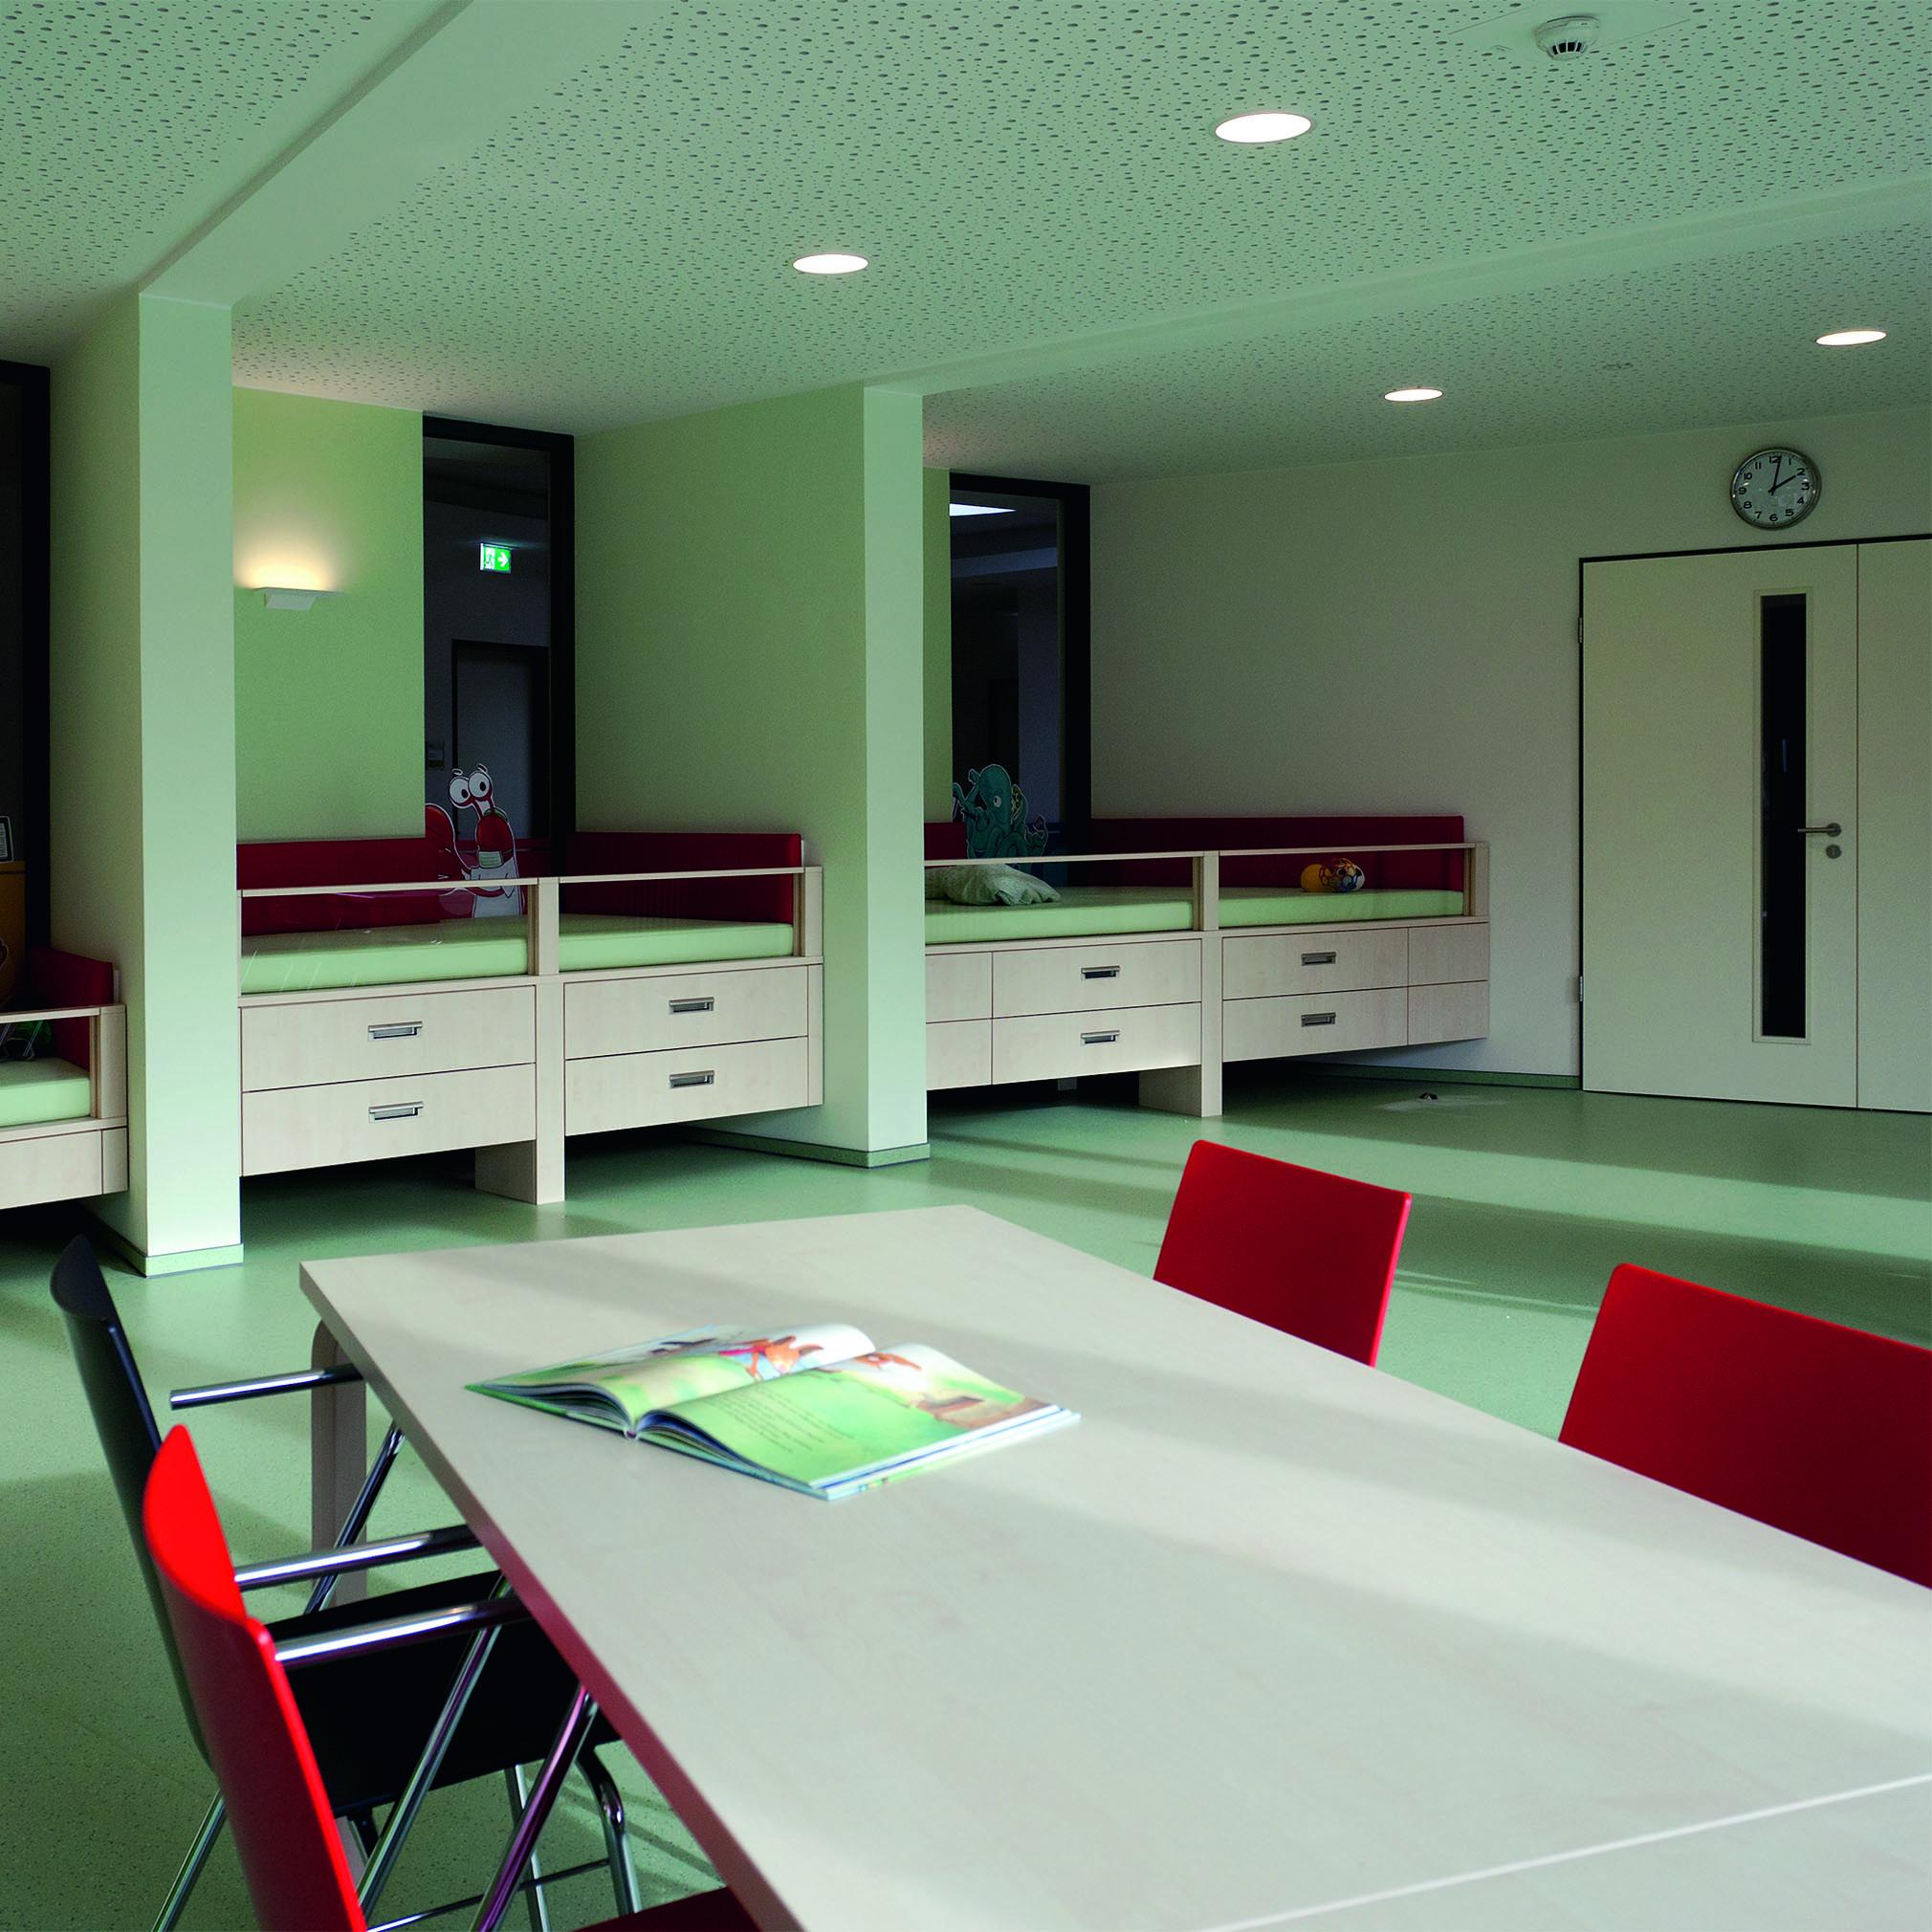 anspruchsvolle therapier ume f r behinderte kinder und jugendliche ausgew hlte referenzen. Black Bedroom Furniture Sets. Home Design Ideas